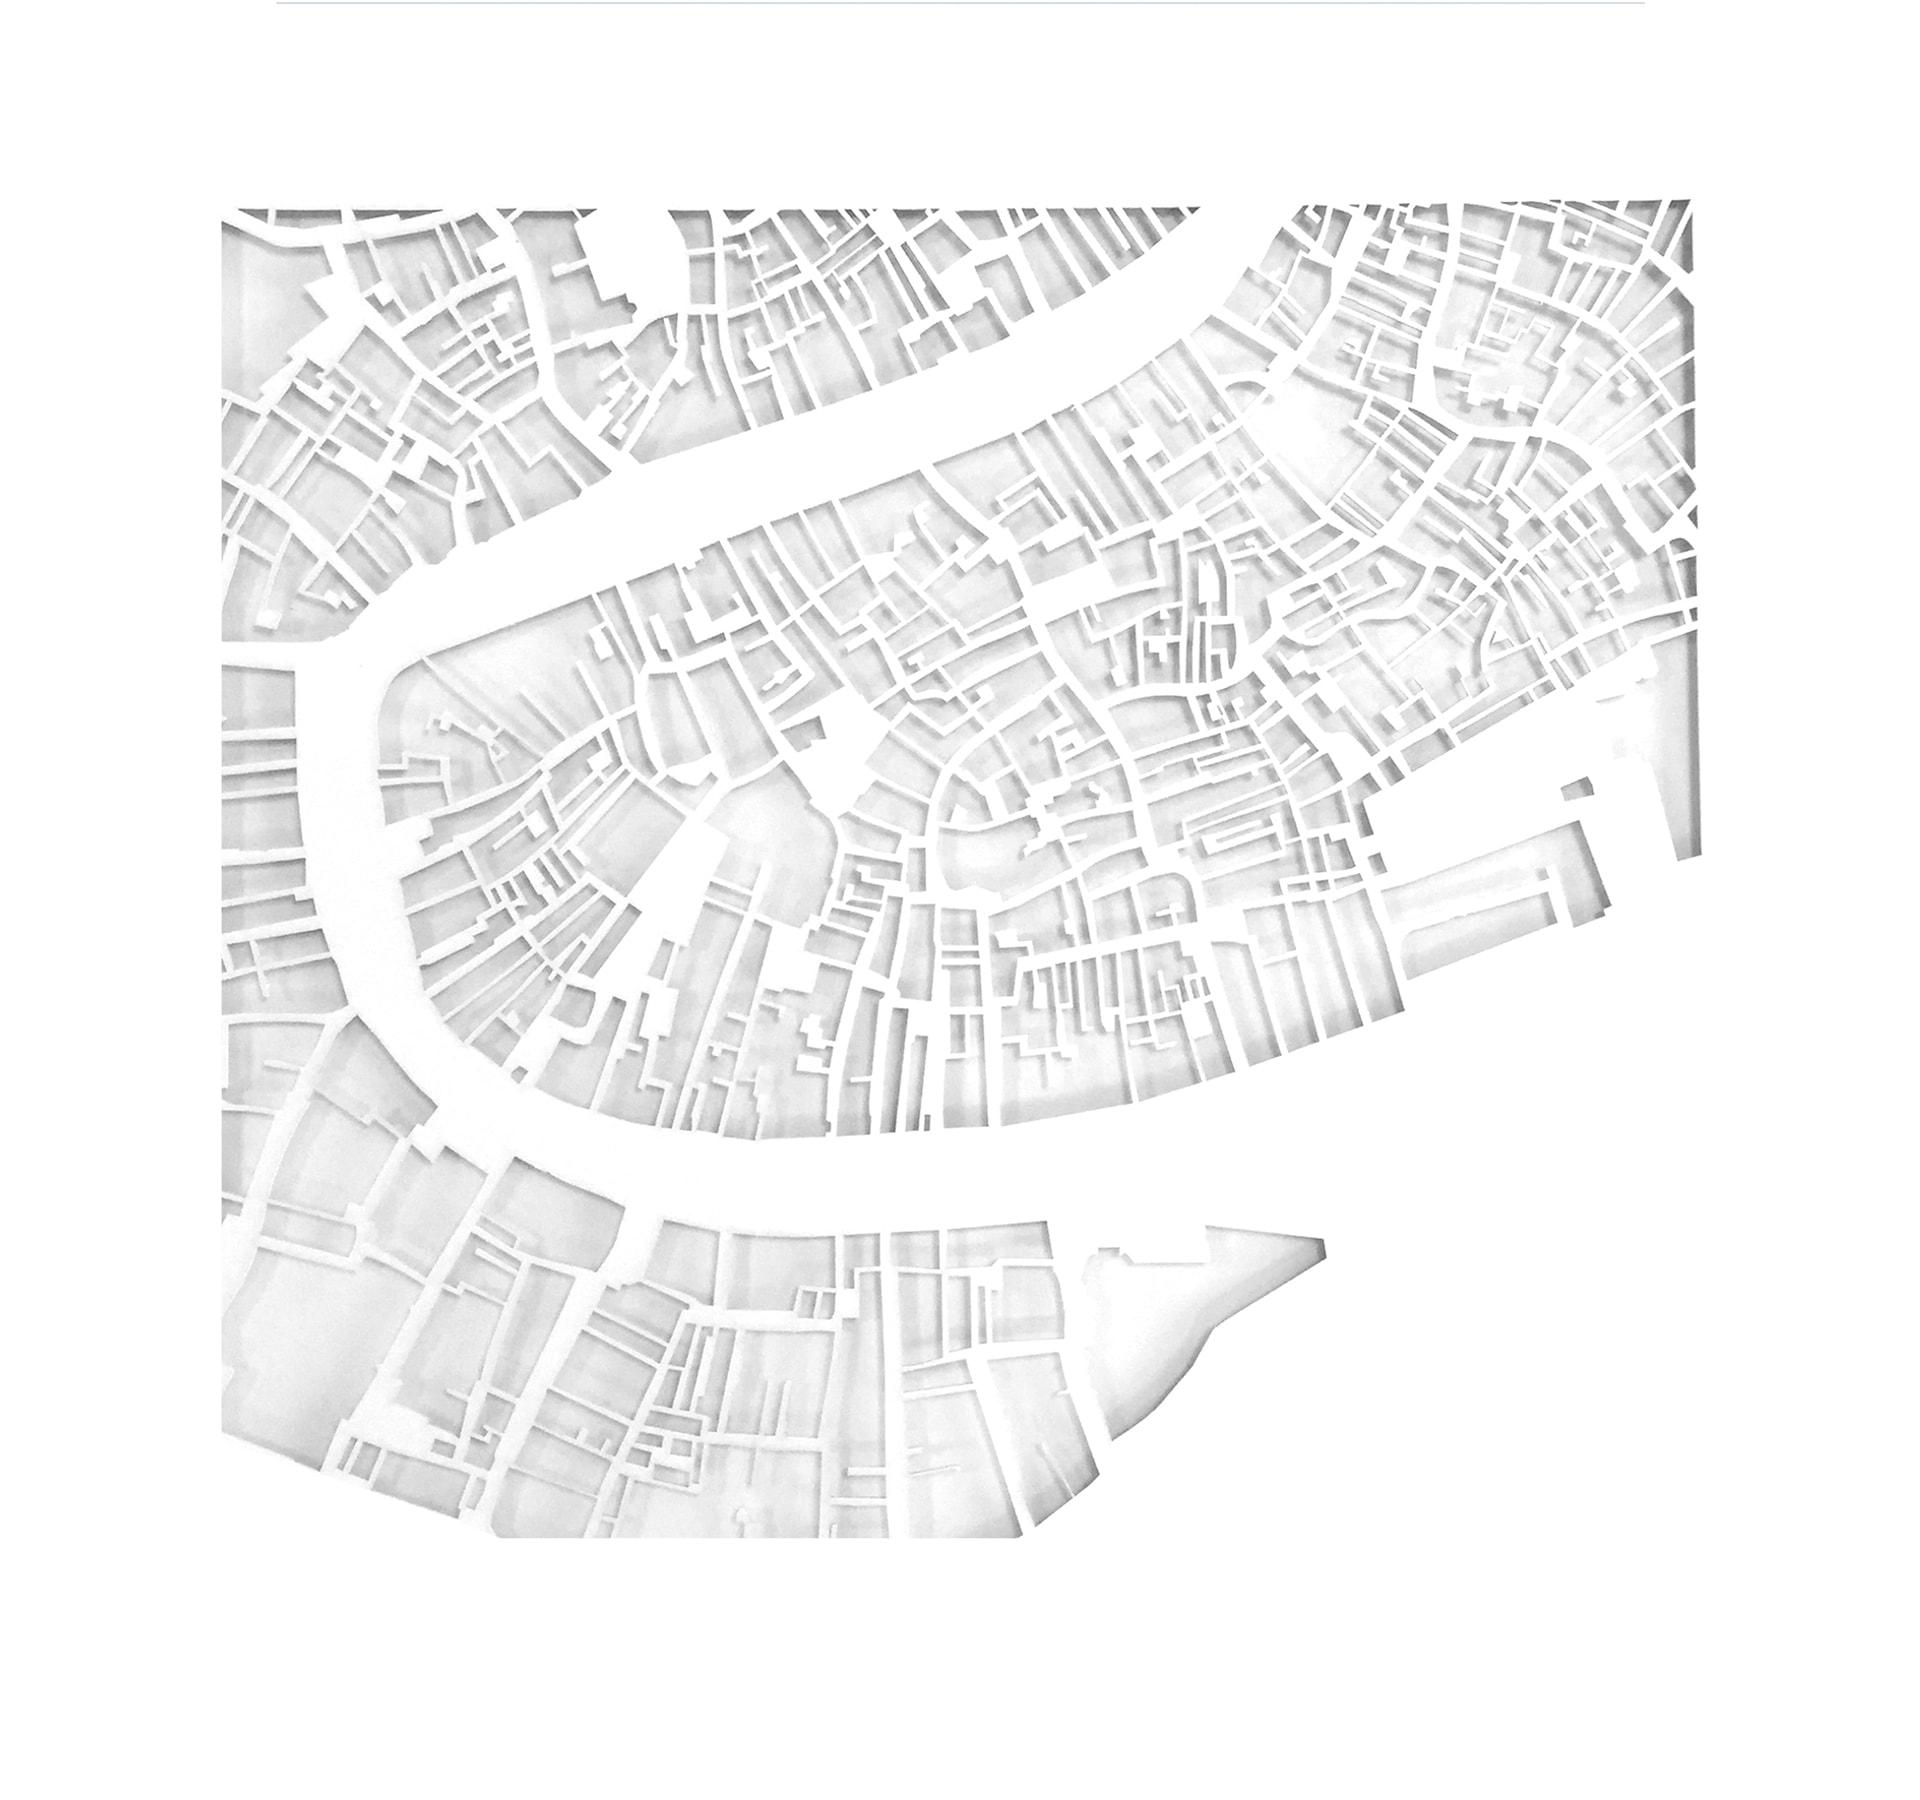 AcquaAlta_BarbaraStallone_architect_SouFujimotoArchitects_01